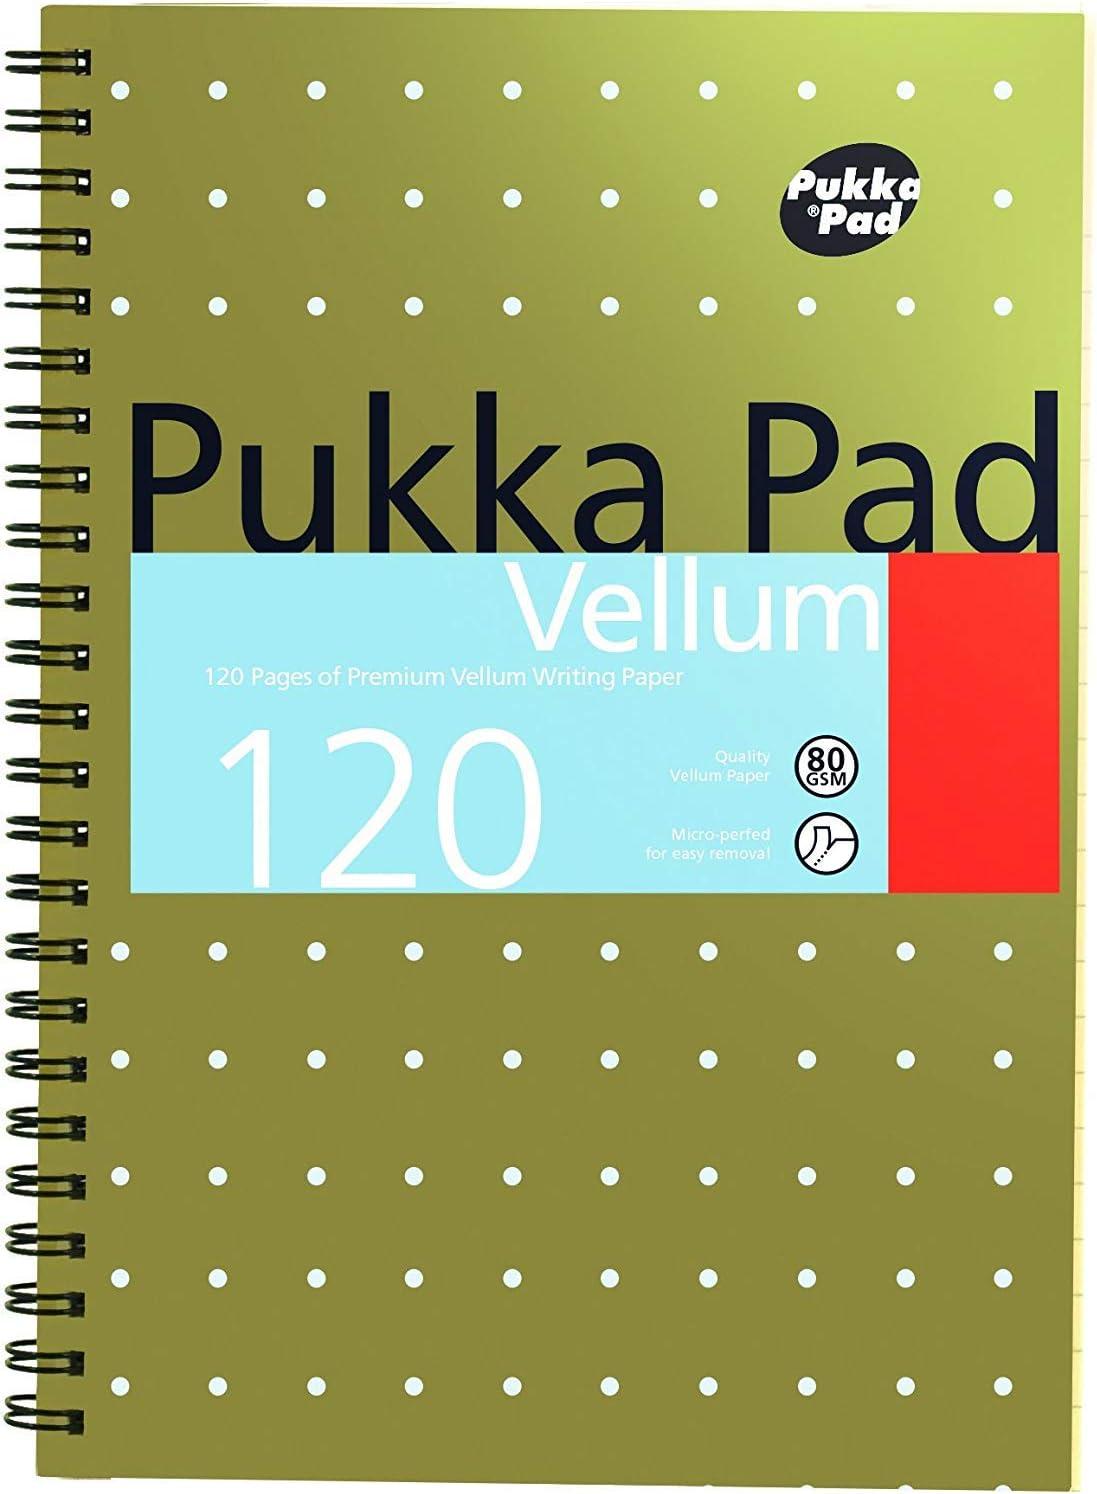 3 国産品 X Notebook Wirebound Perforated Ruled 120pp Re Vellum 5☆大好評 A5 80gsm